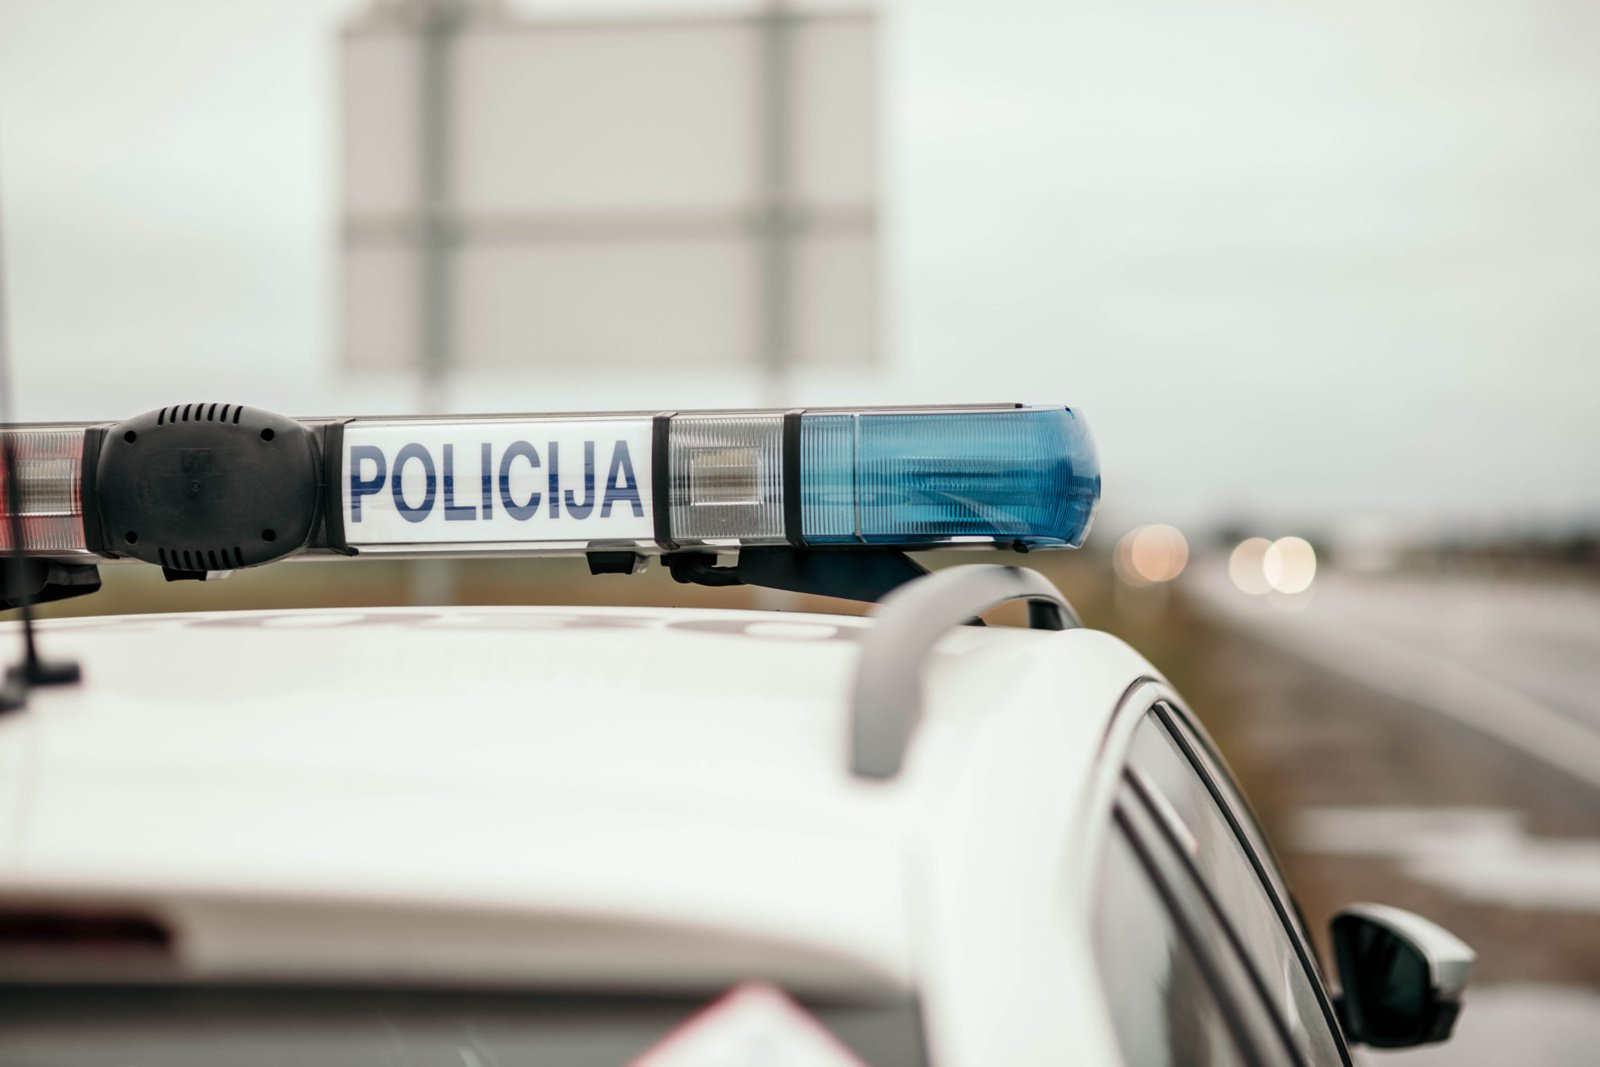 Uosupio kaime iš traktoriaus pavogta įranga už 10 tūkst. eurų